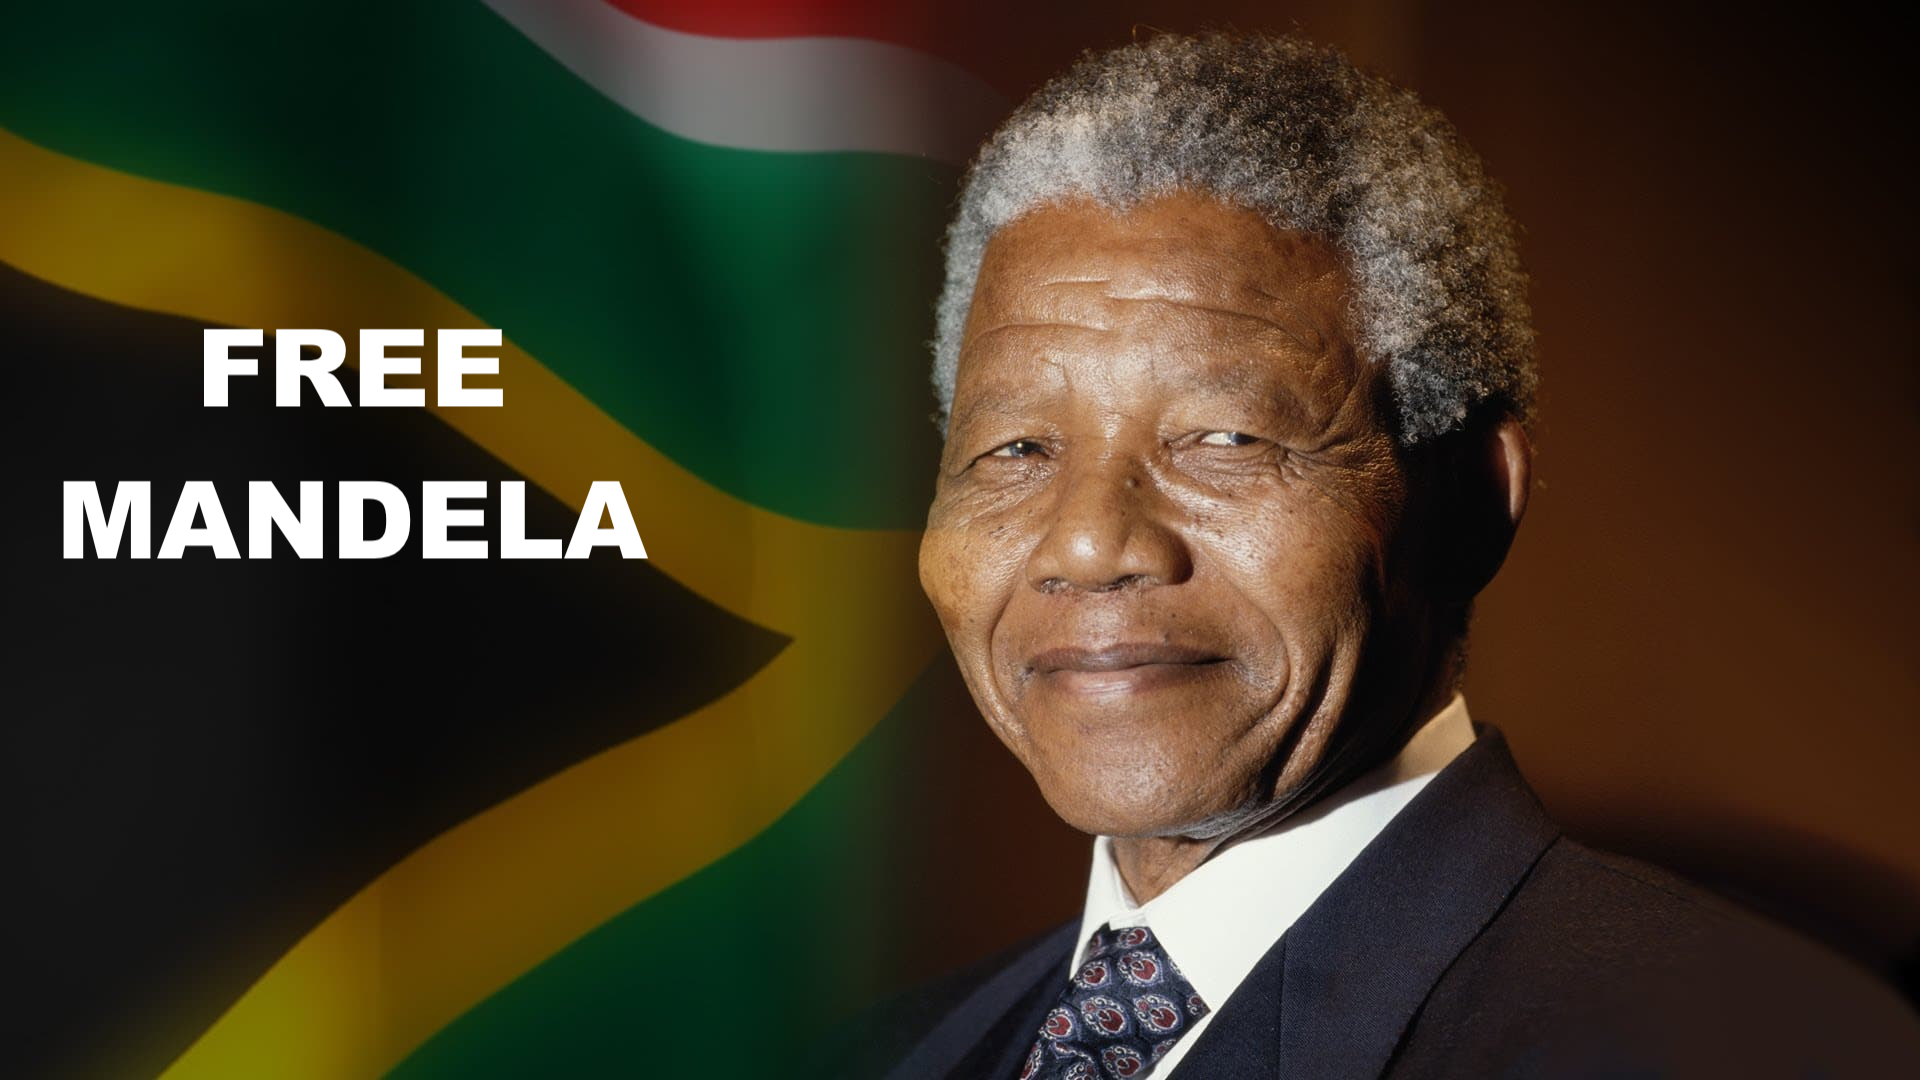 Free Mandela